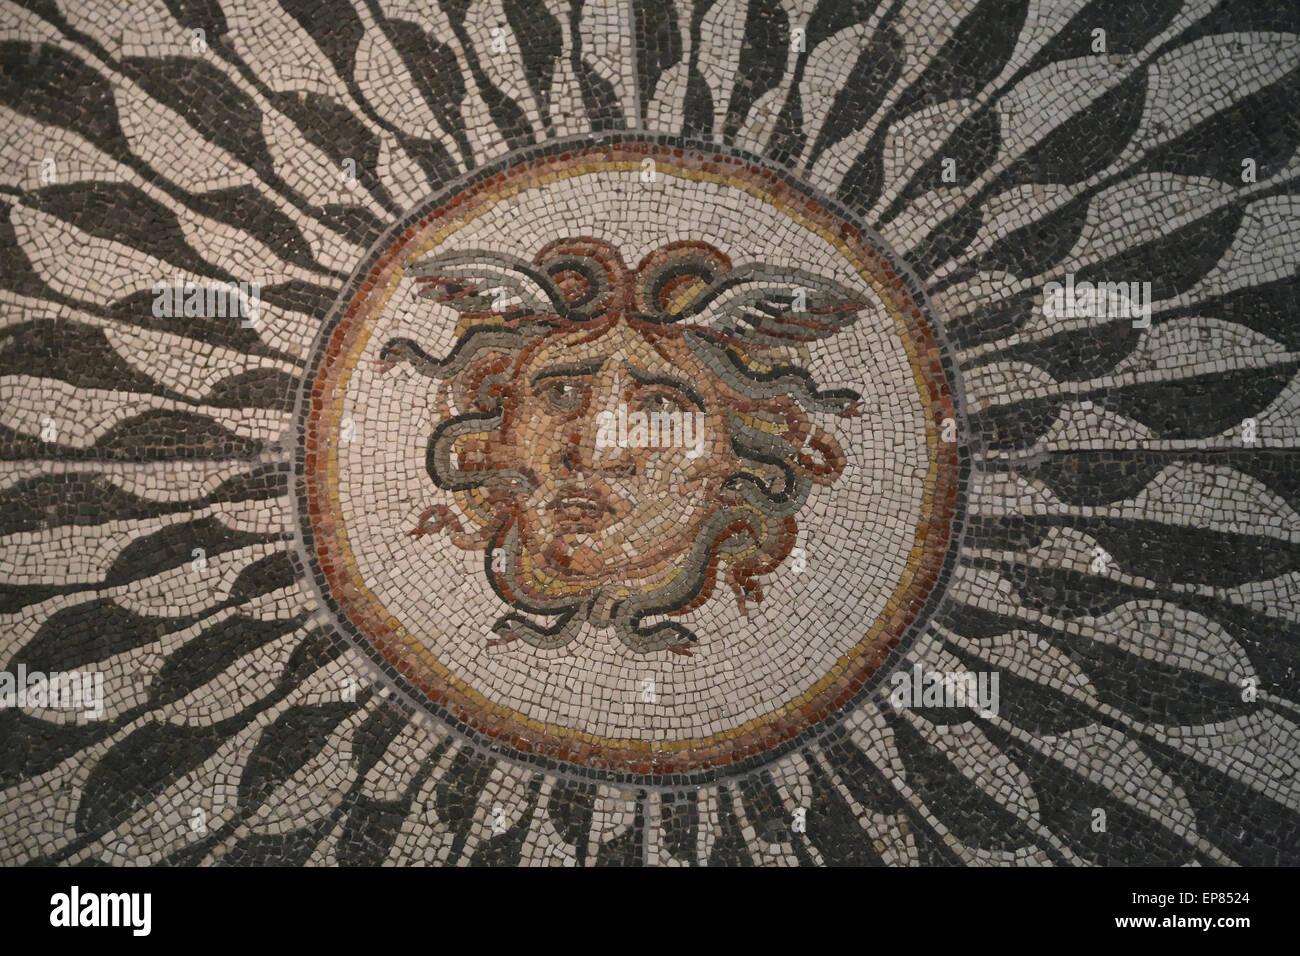 Mosaïque romaine de méduse. Thermes de Dioclétien à Rome. Détail. Musée National Romain. Photo Stock